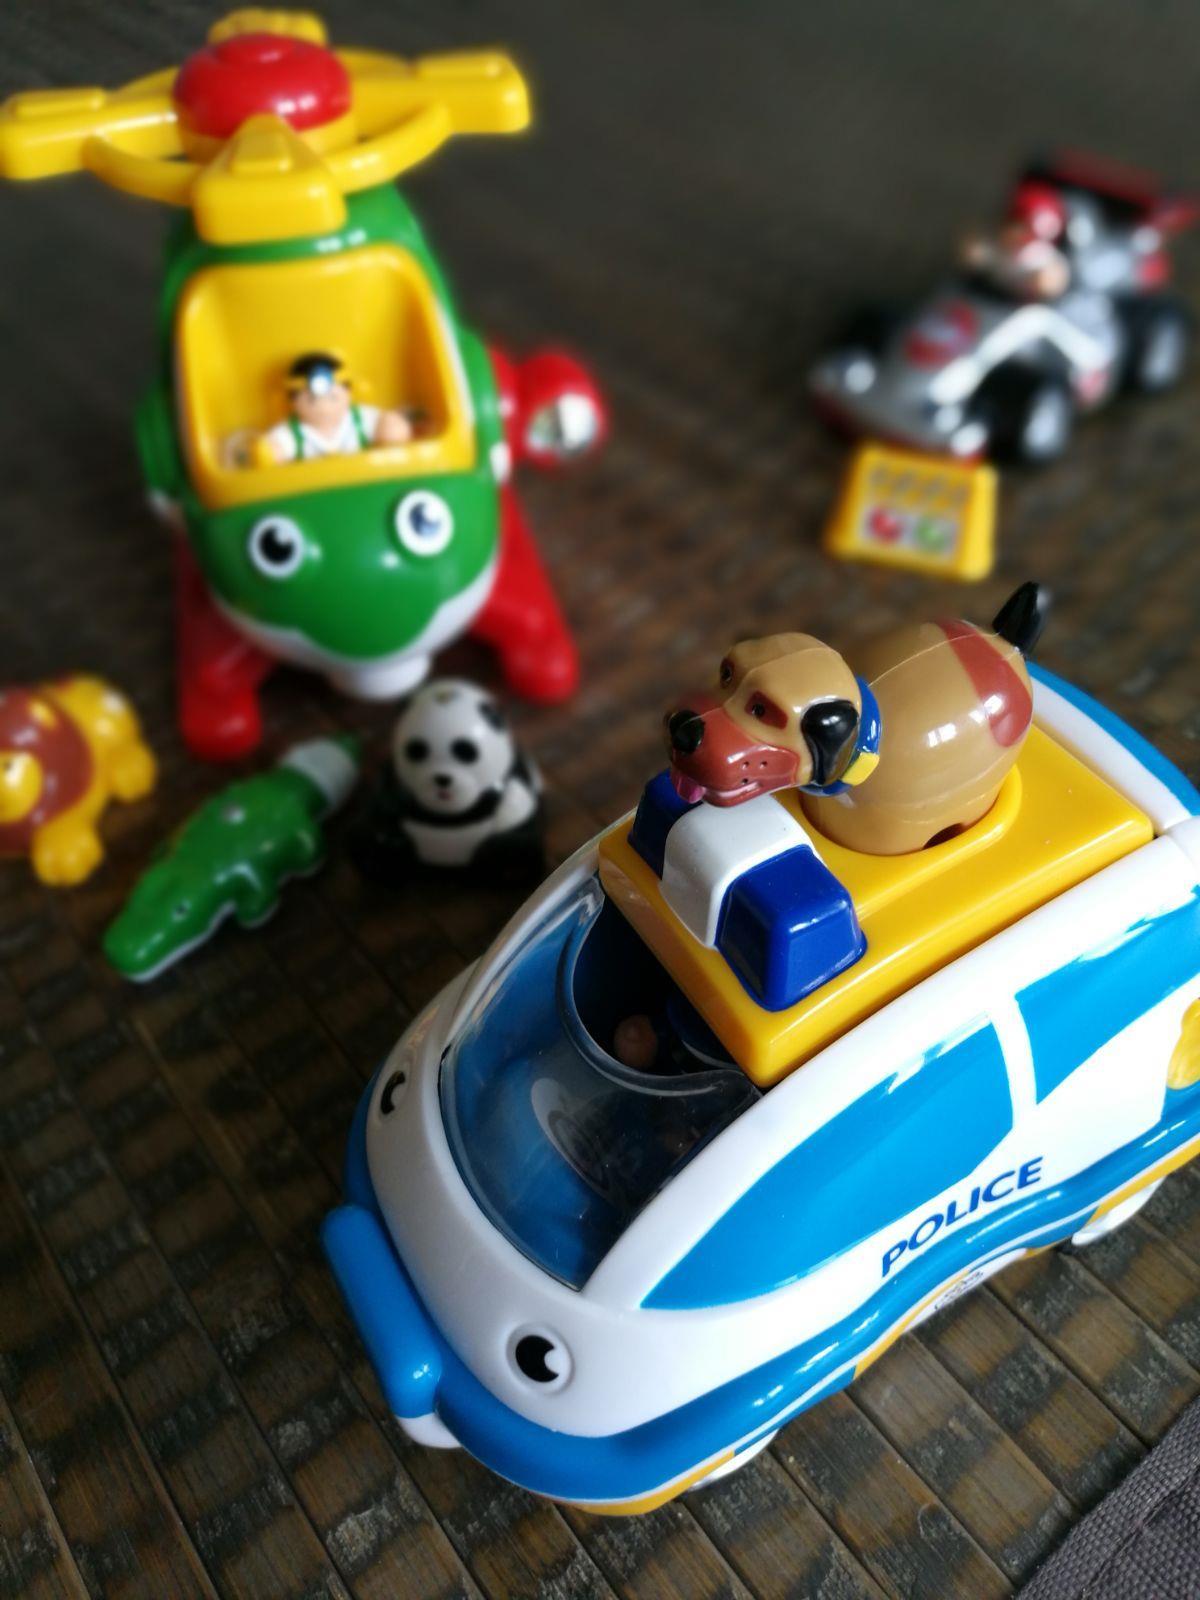 Radio Salle De Bain Fnac ~ les v hicules wow toys transportent votre imagination conseils d